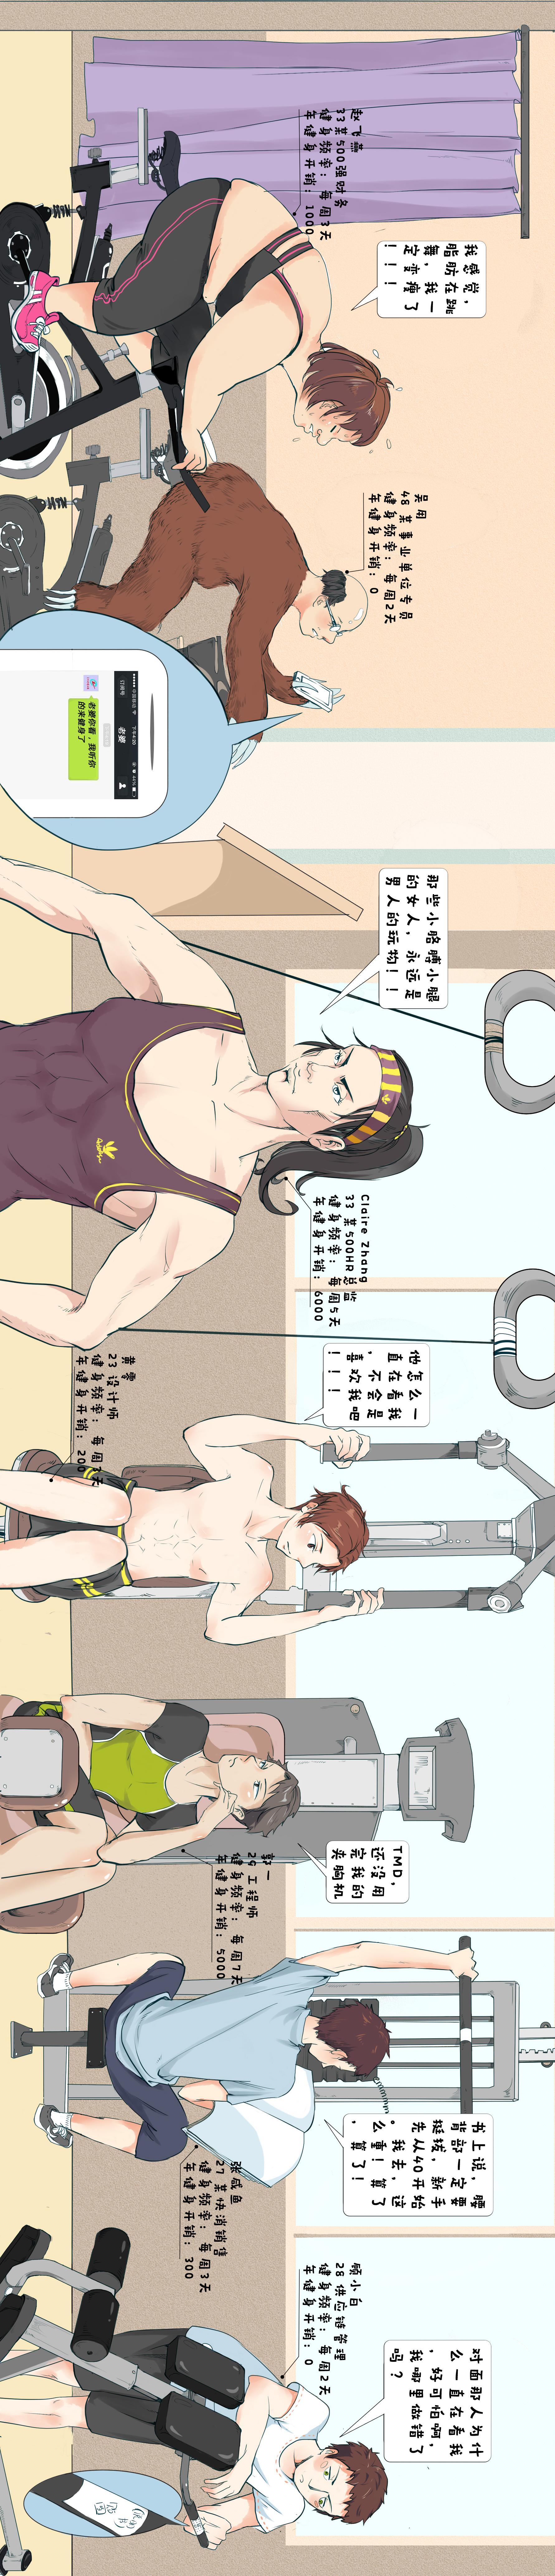 我在健身房里,见到了一群露肉的男女